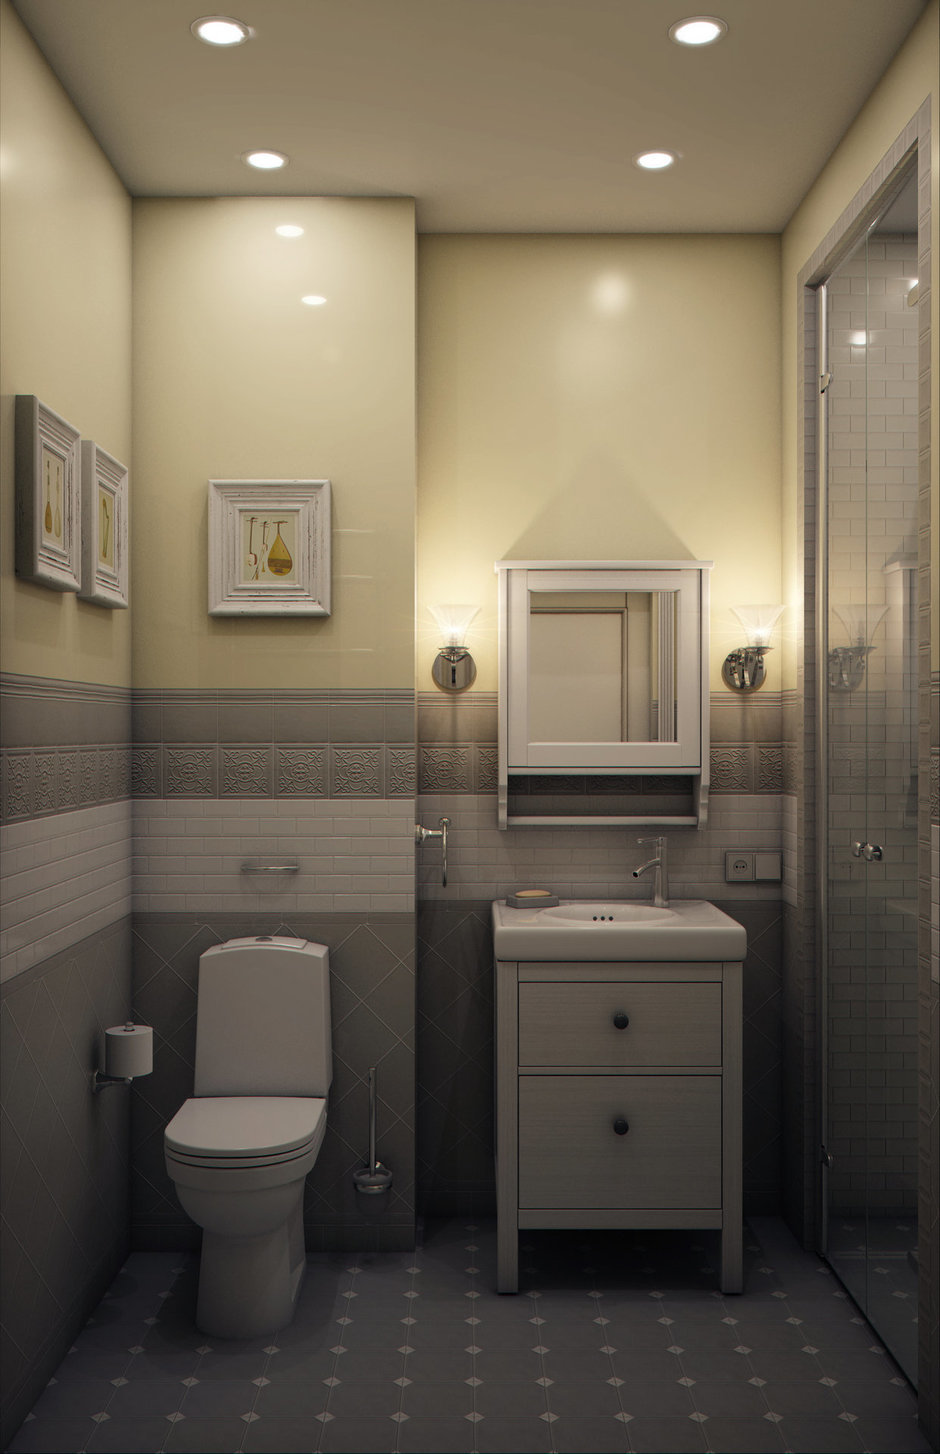 Фотография: Ванная в стиле Классический, Эклектика, Квартира, Проект недели, Марина Саркисян, Подмосковье – фото на InMyRoom.ru